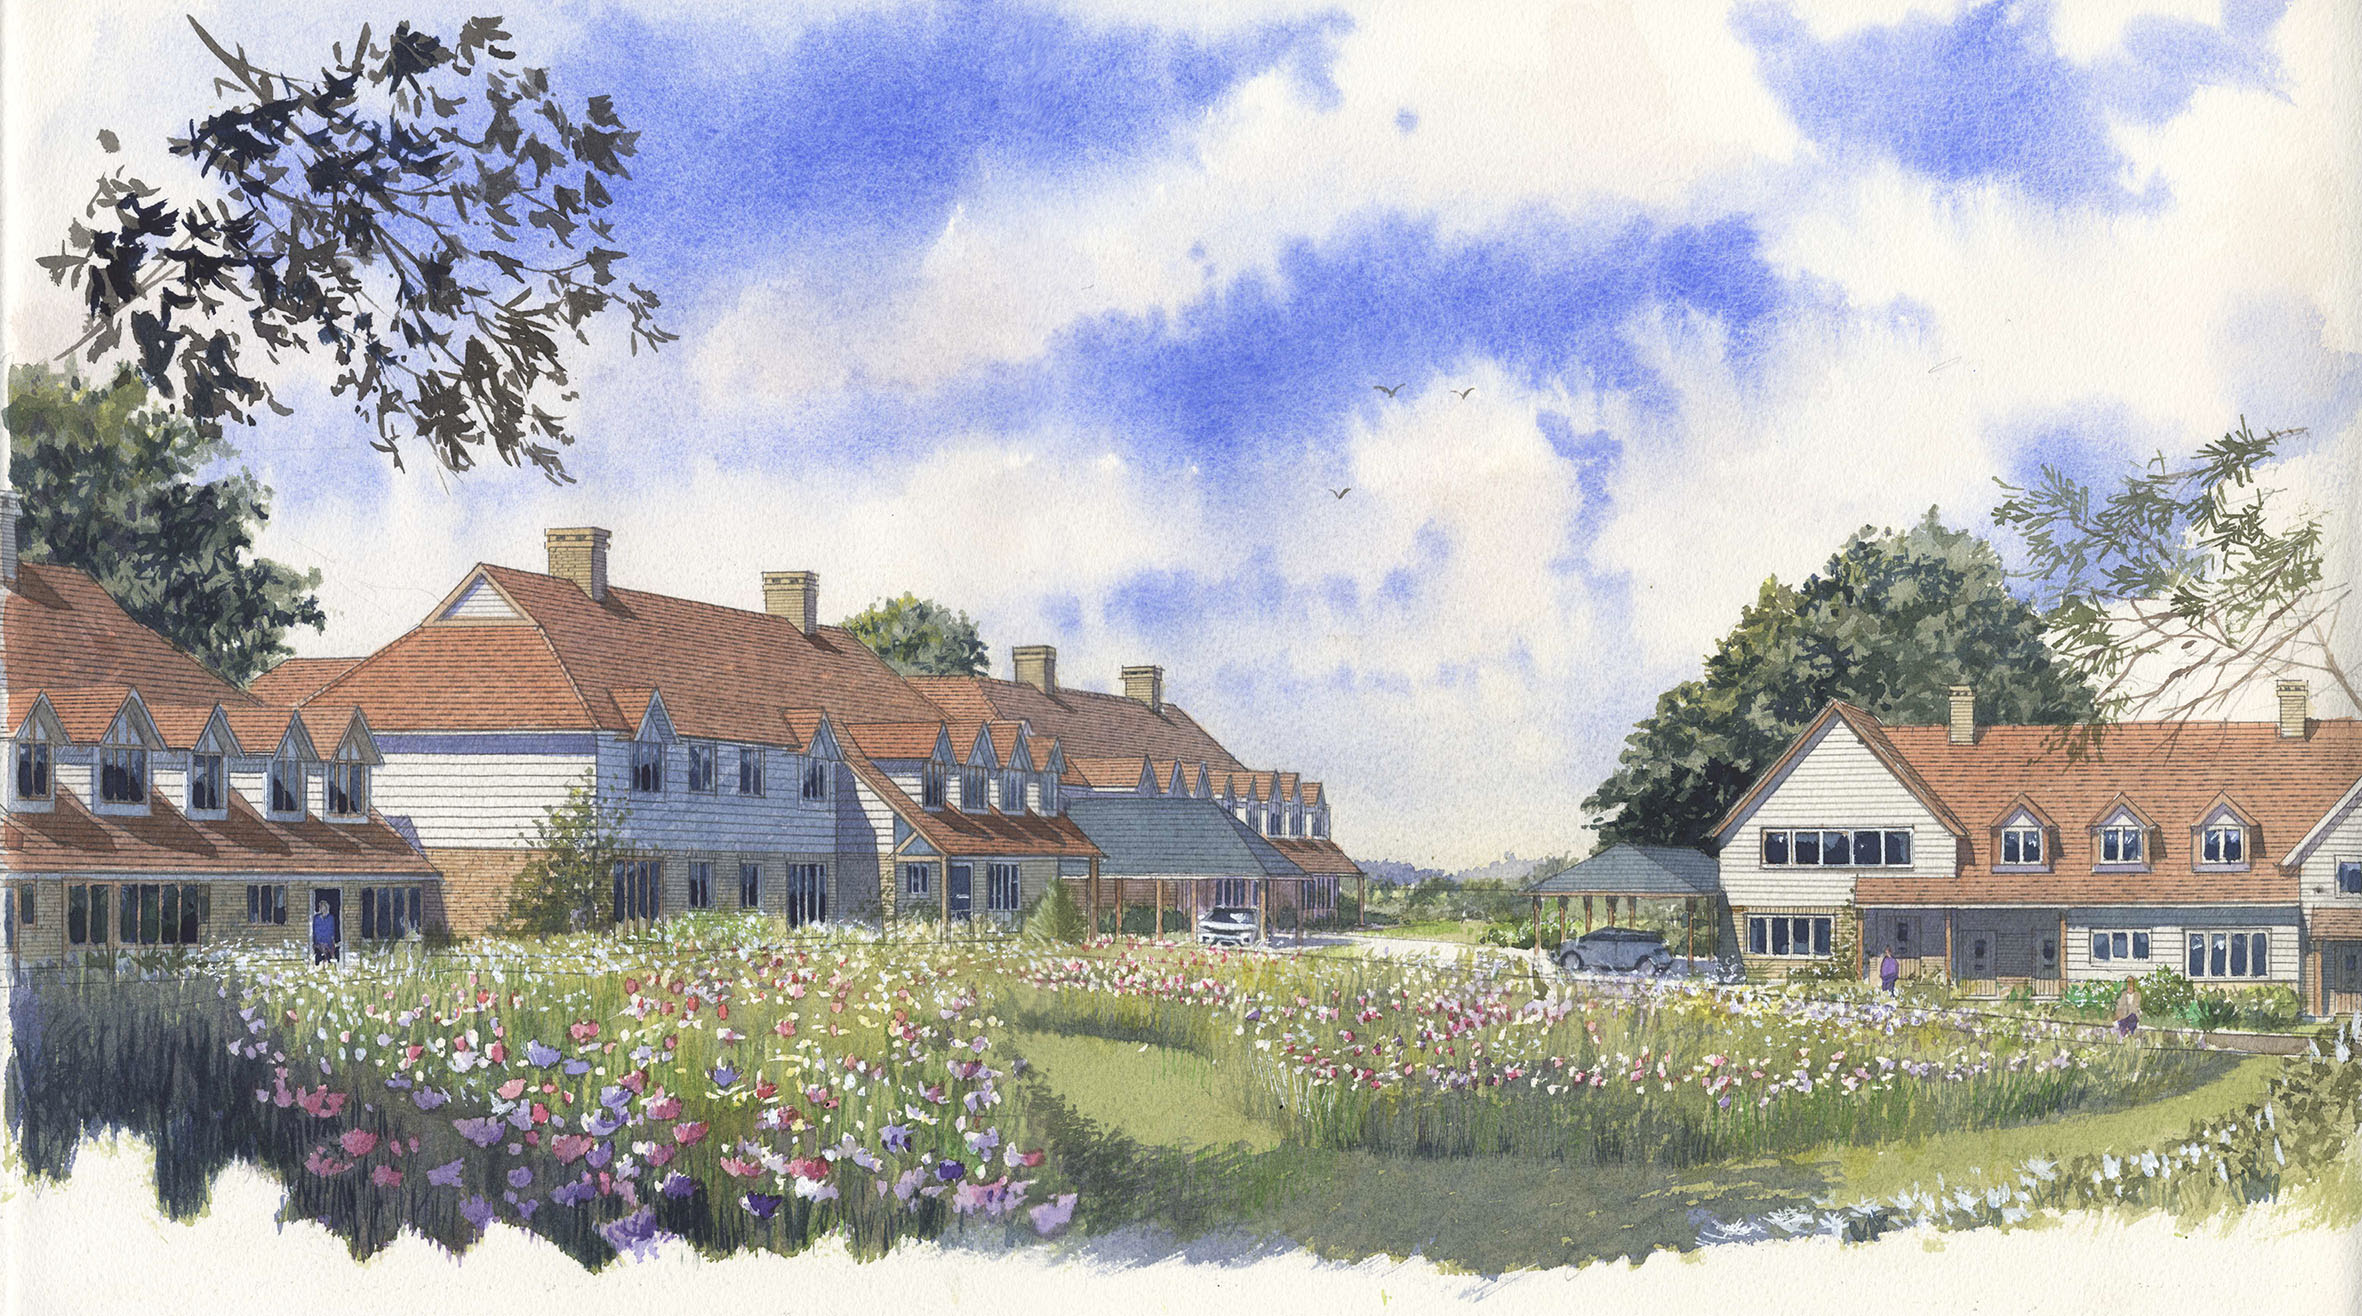 Tenterden Watercolour 180417 b.jpg